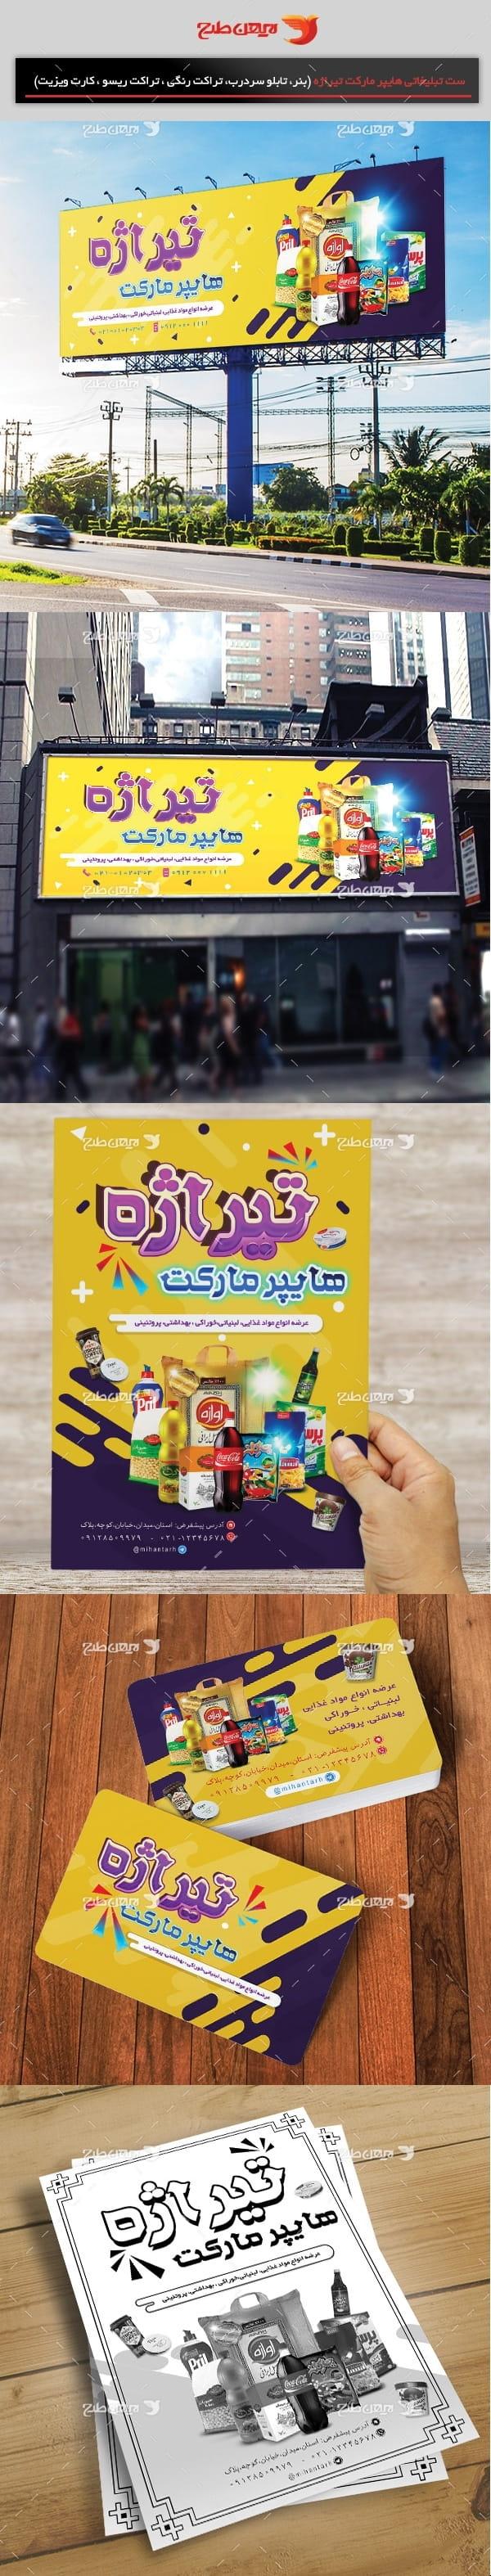 طرح لایه باز ست تبلیغاتی هایپر مارکت و سوپر مارکت تیراژه(تراکت رنگی، کارت ویزیت، تابلو سردرب ، تراکت ریسو و منو)